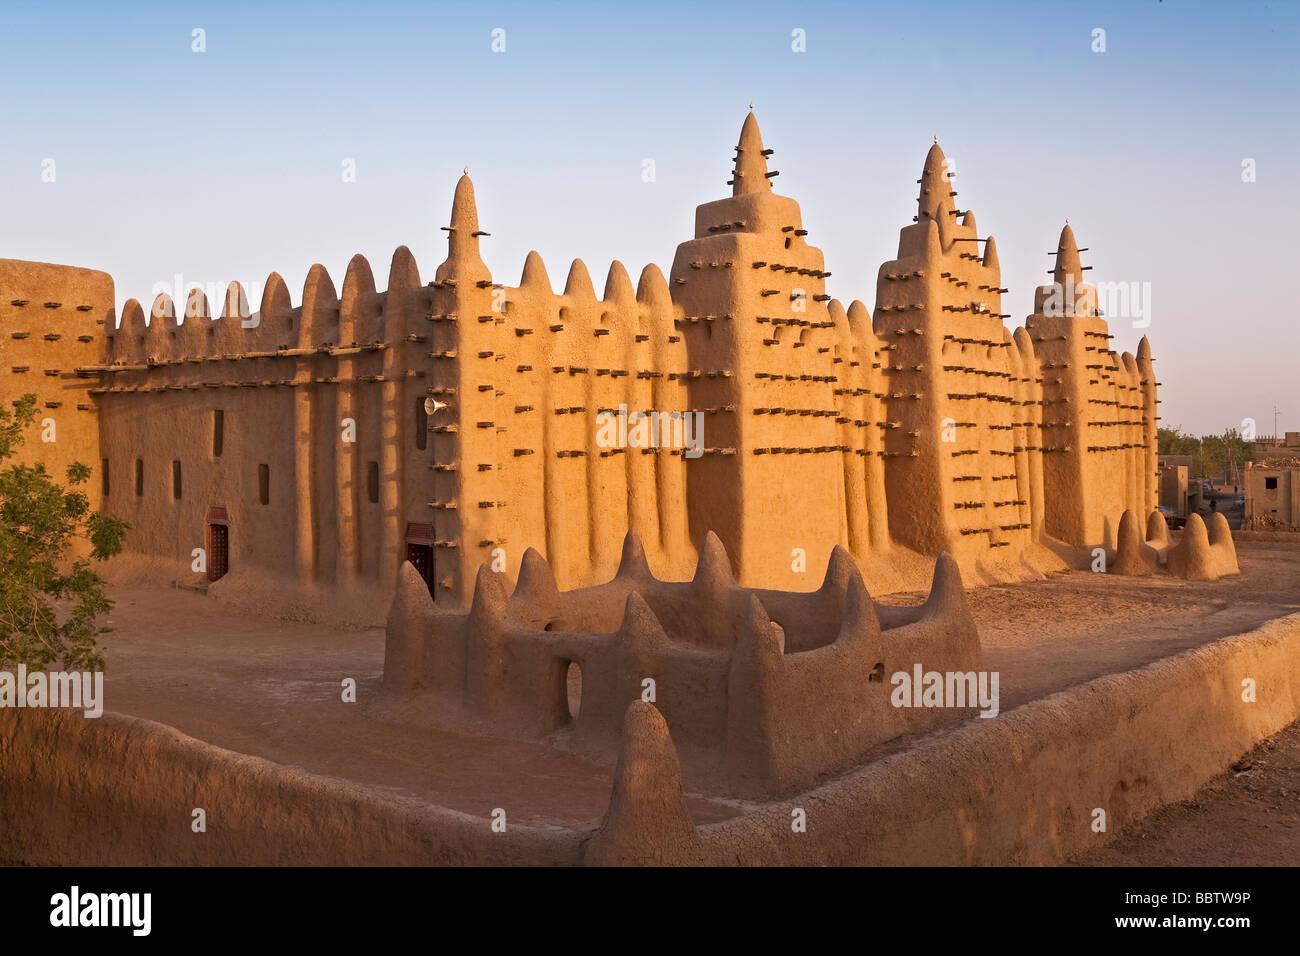 La Gran Mezquita de Djenne, Mopti, Djenne, región delta de Níger, Malí, África occidental Foto de stock